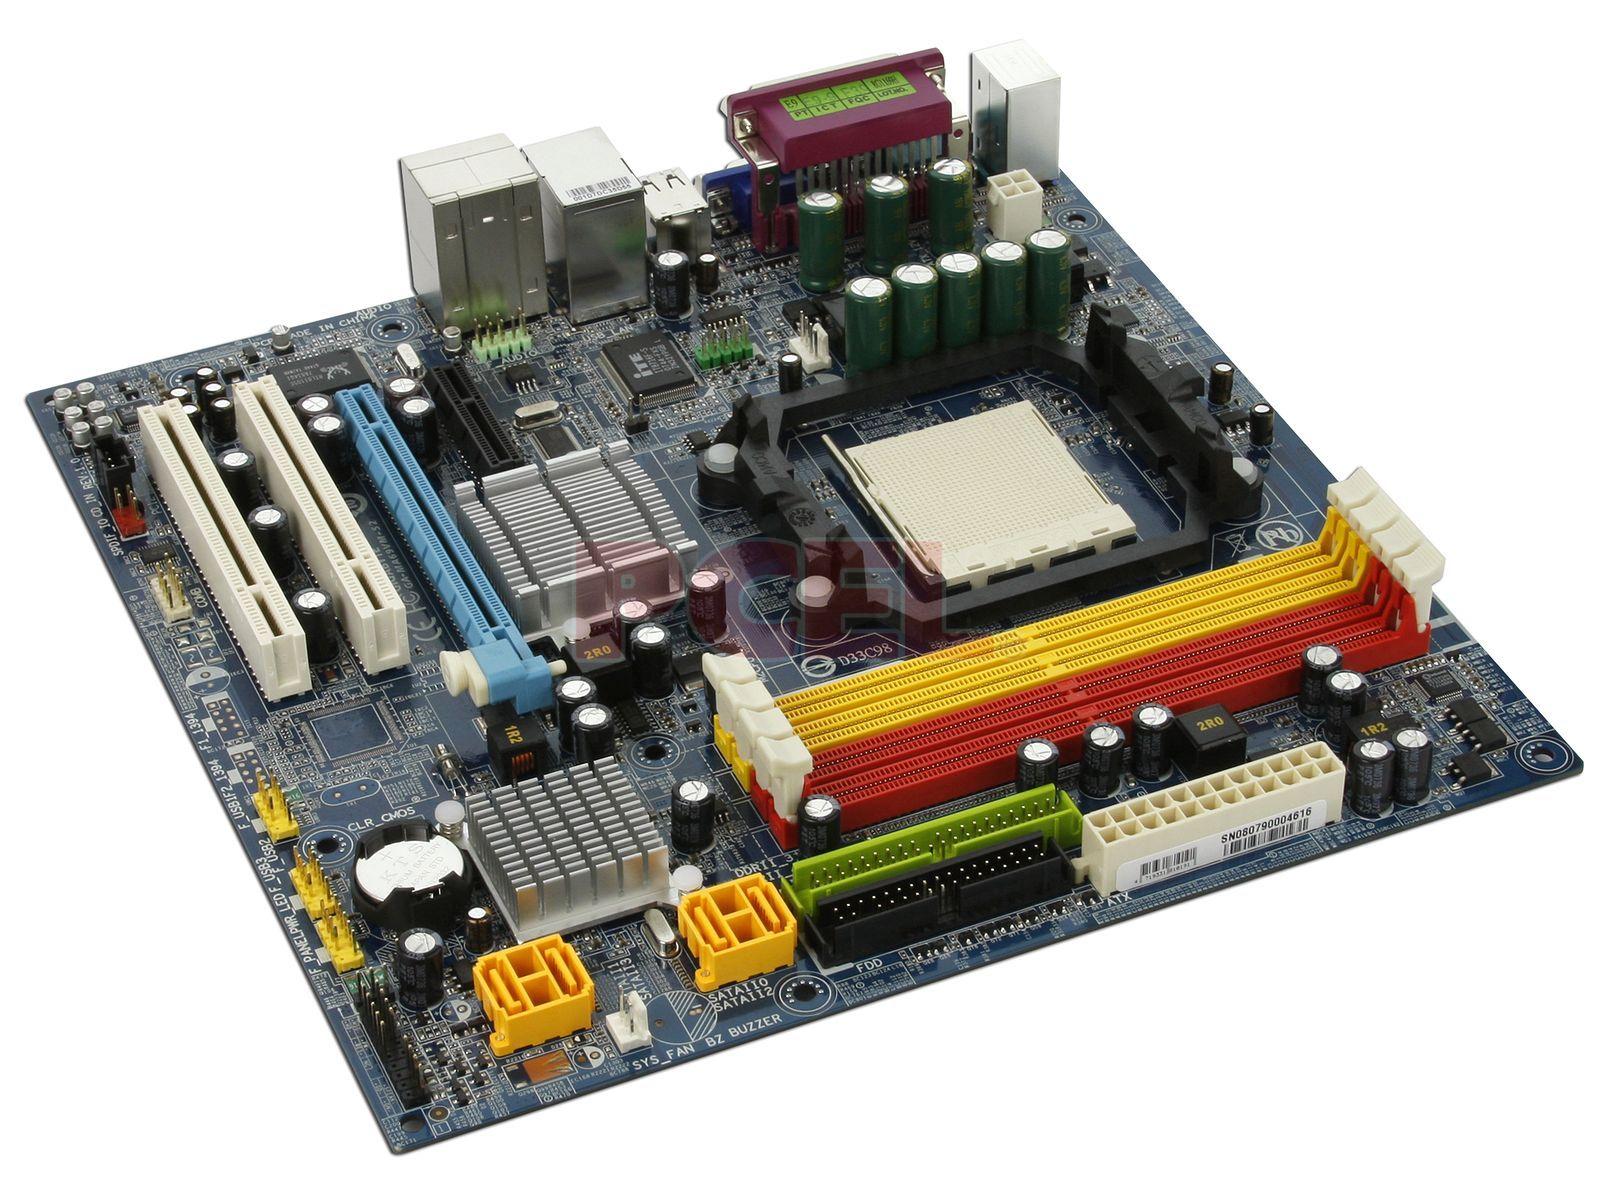 driver gigabyte ga-ma69vm-s2